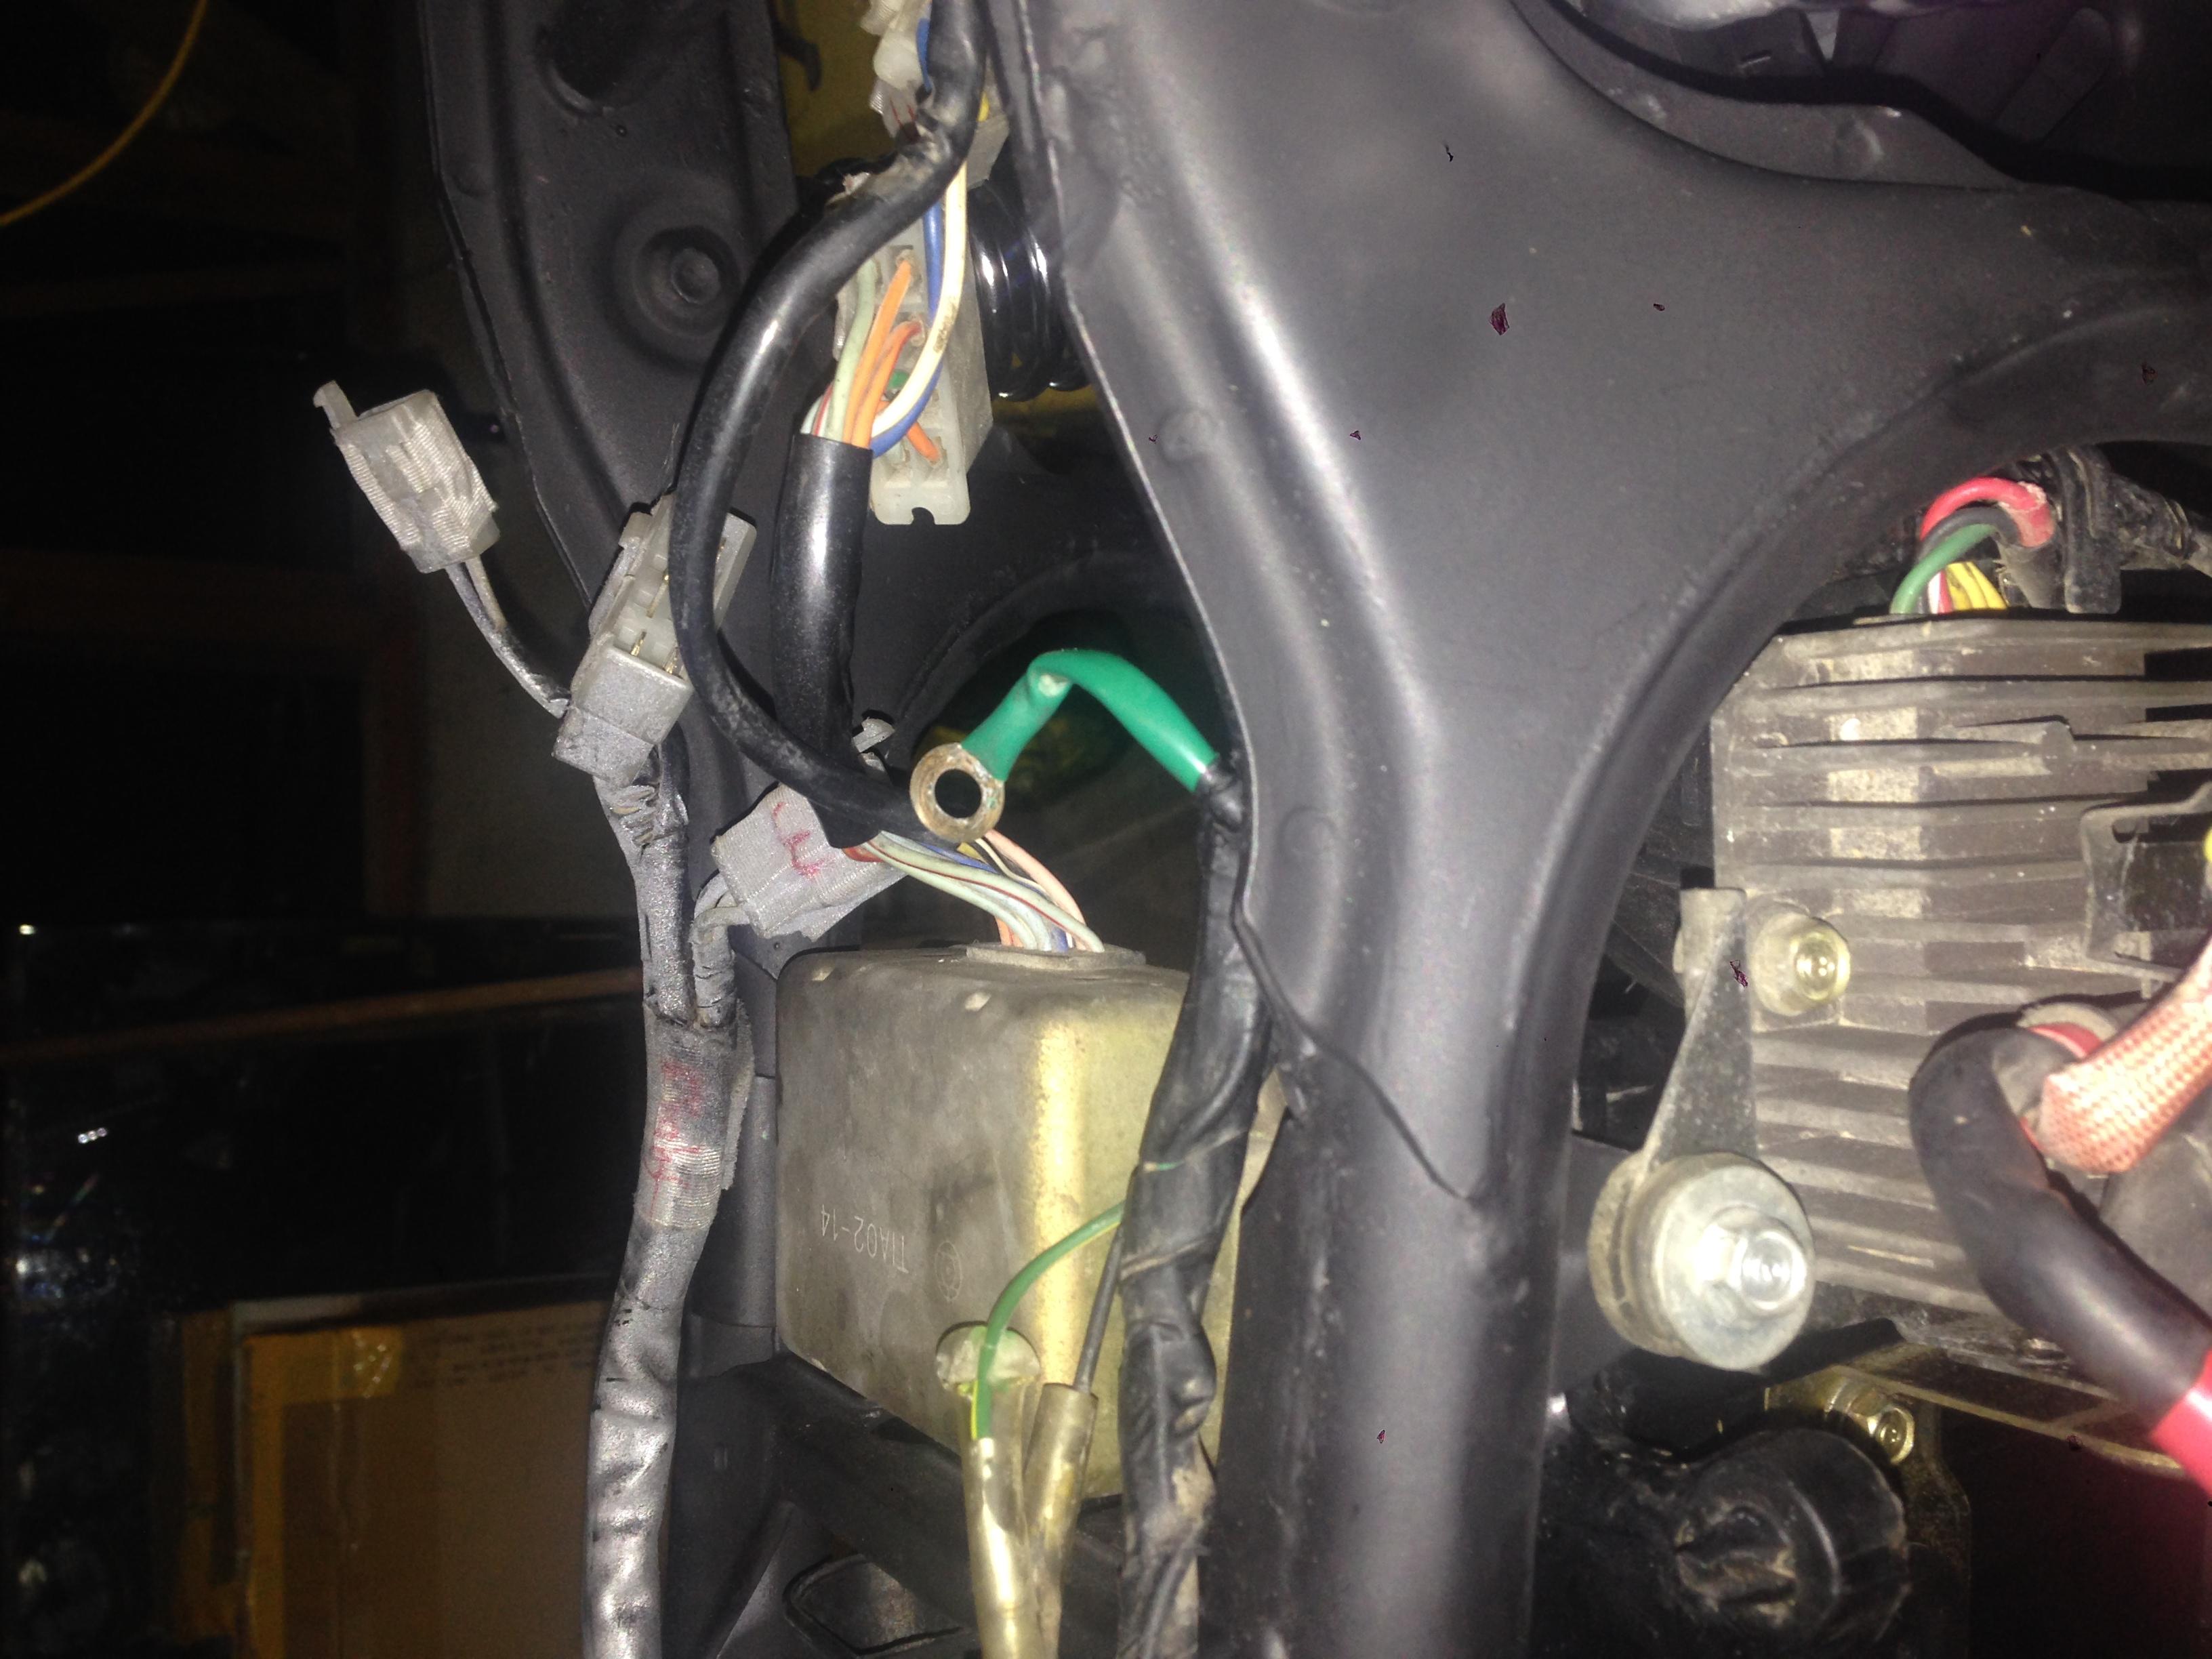 1978 Honda Cx500 Wiring Help